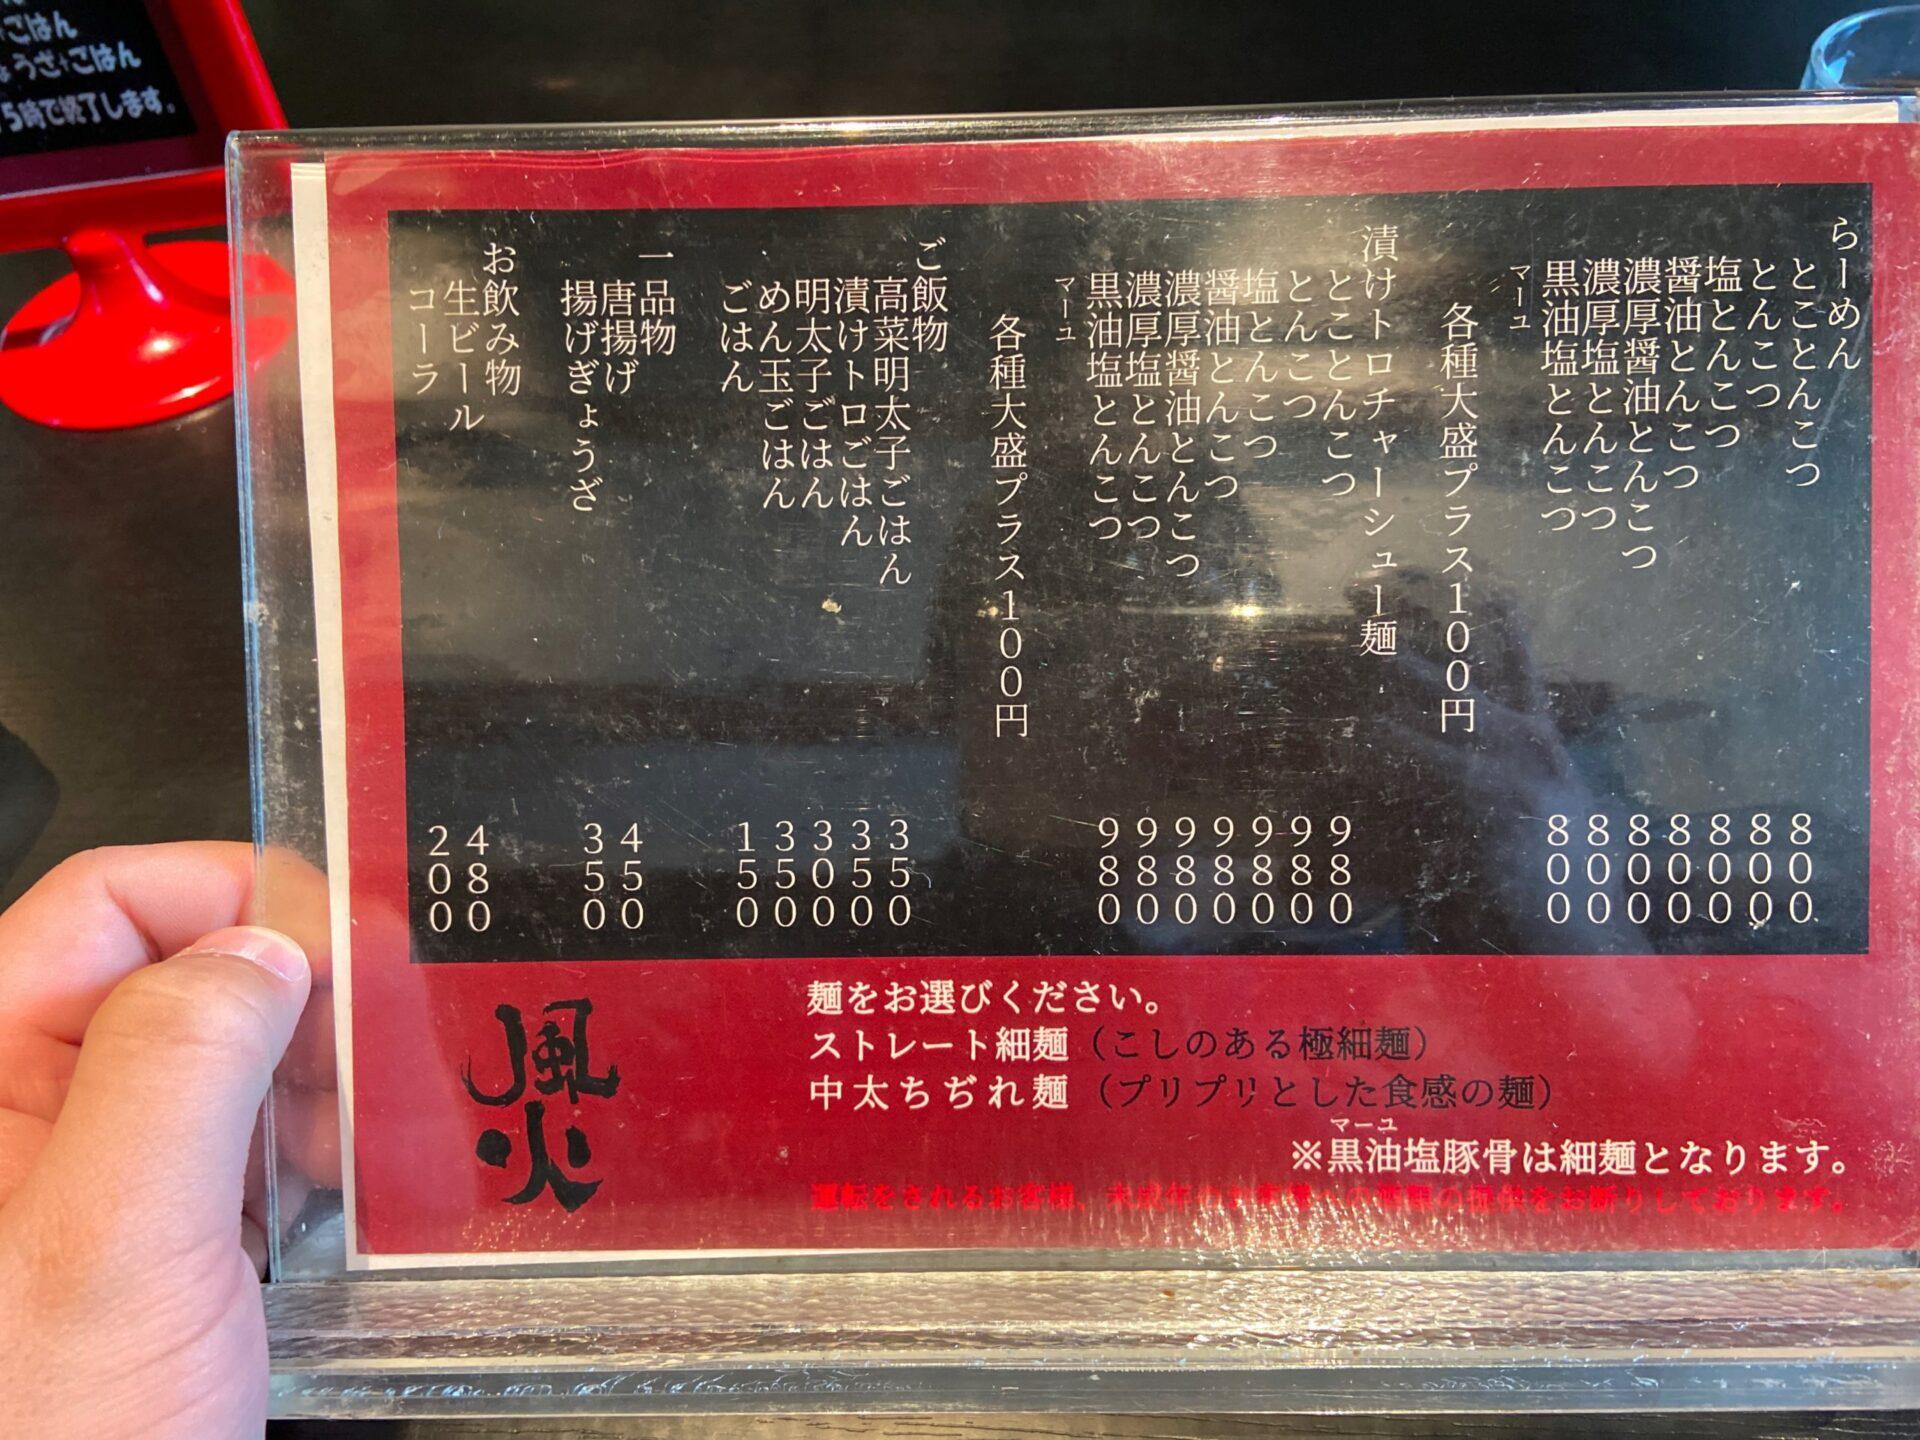 麵屋風火 メニュー